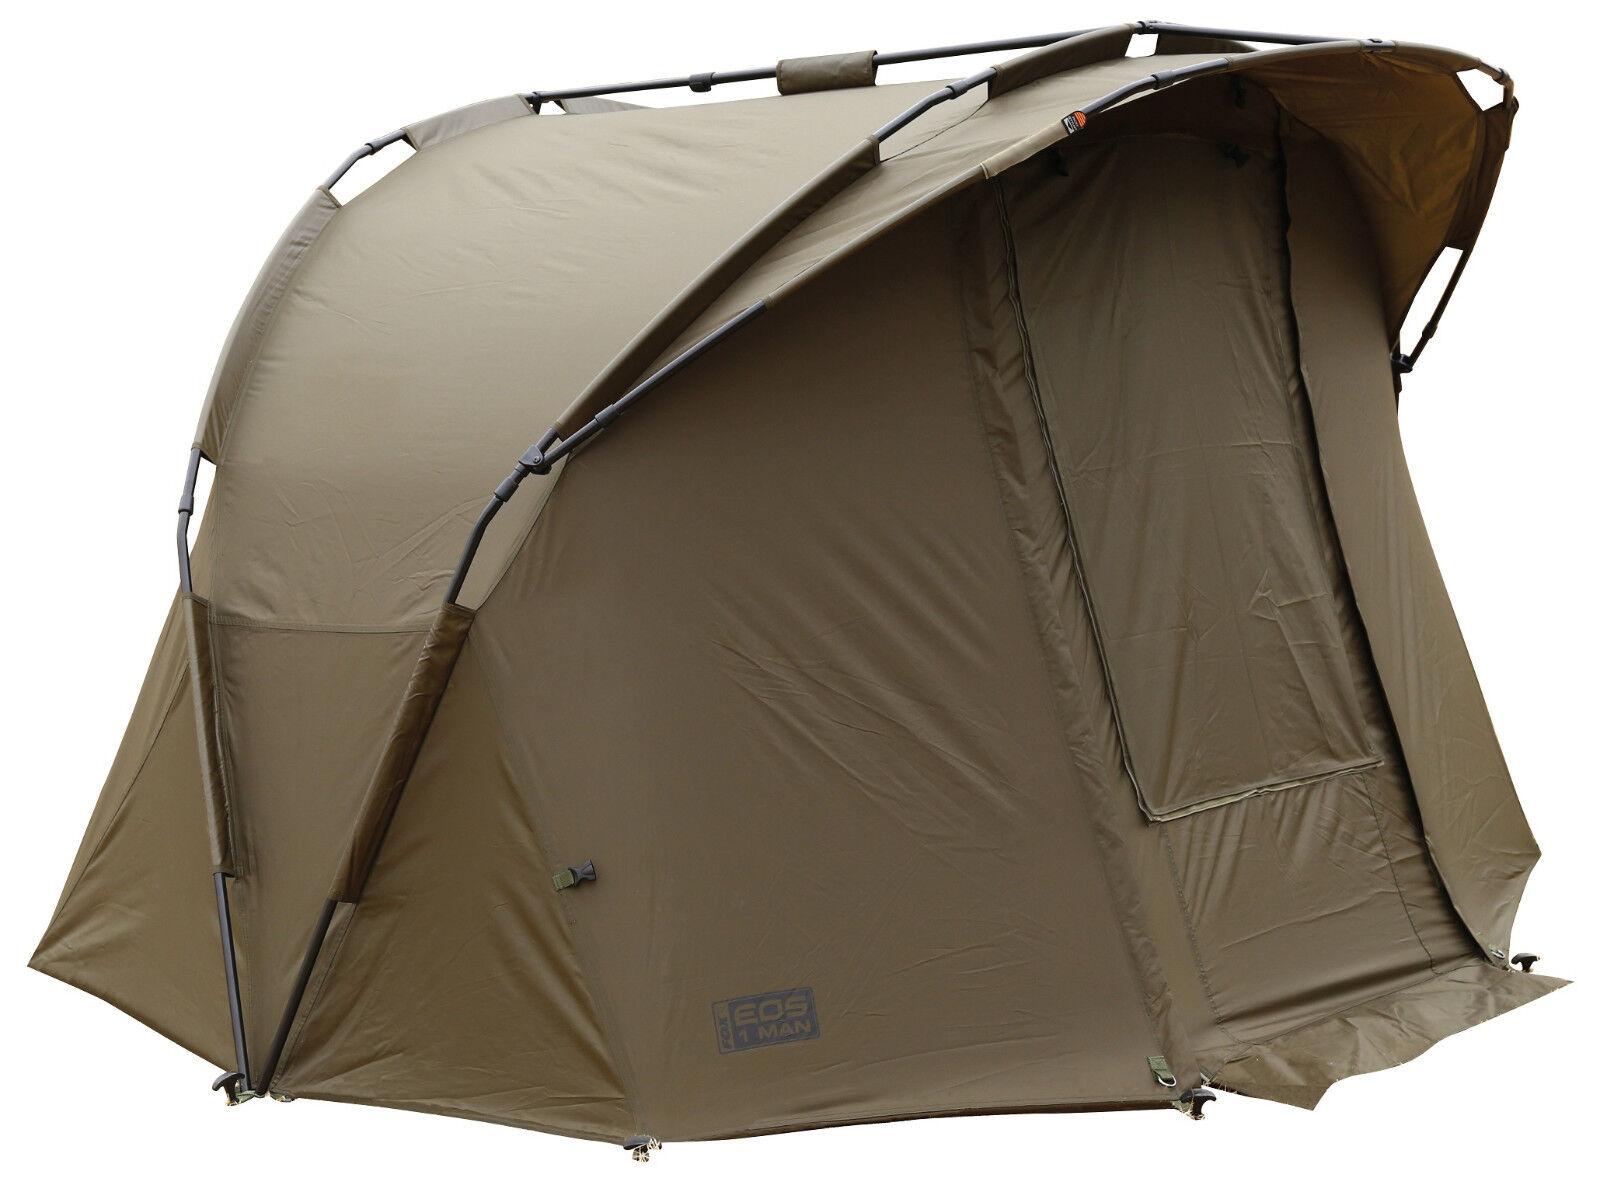 Fox EOS 1 Uomo Bivvy cum255 tenda carpa TENDA Tent Tenda Angel